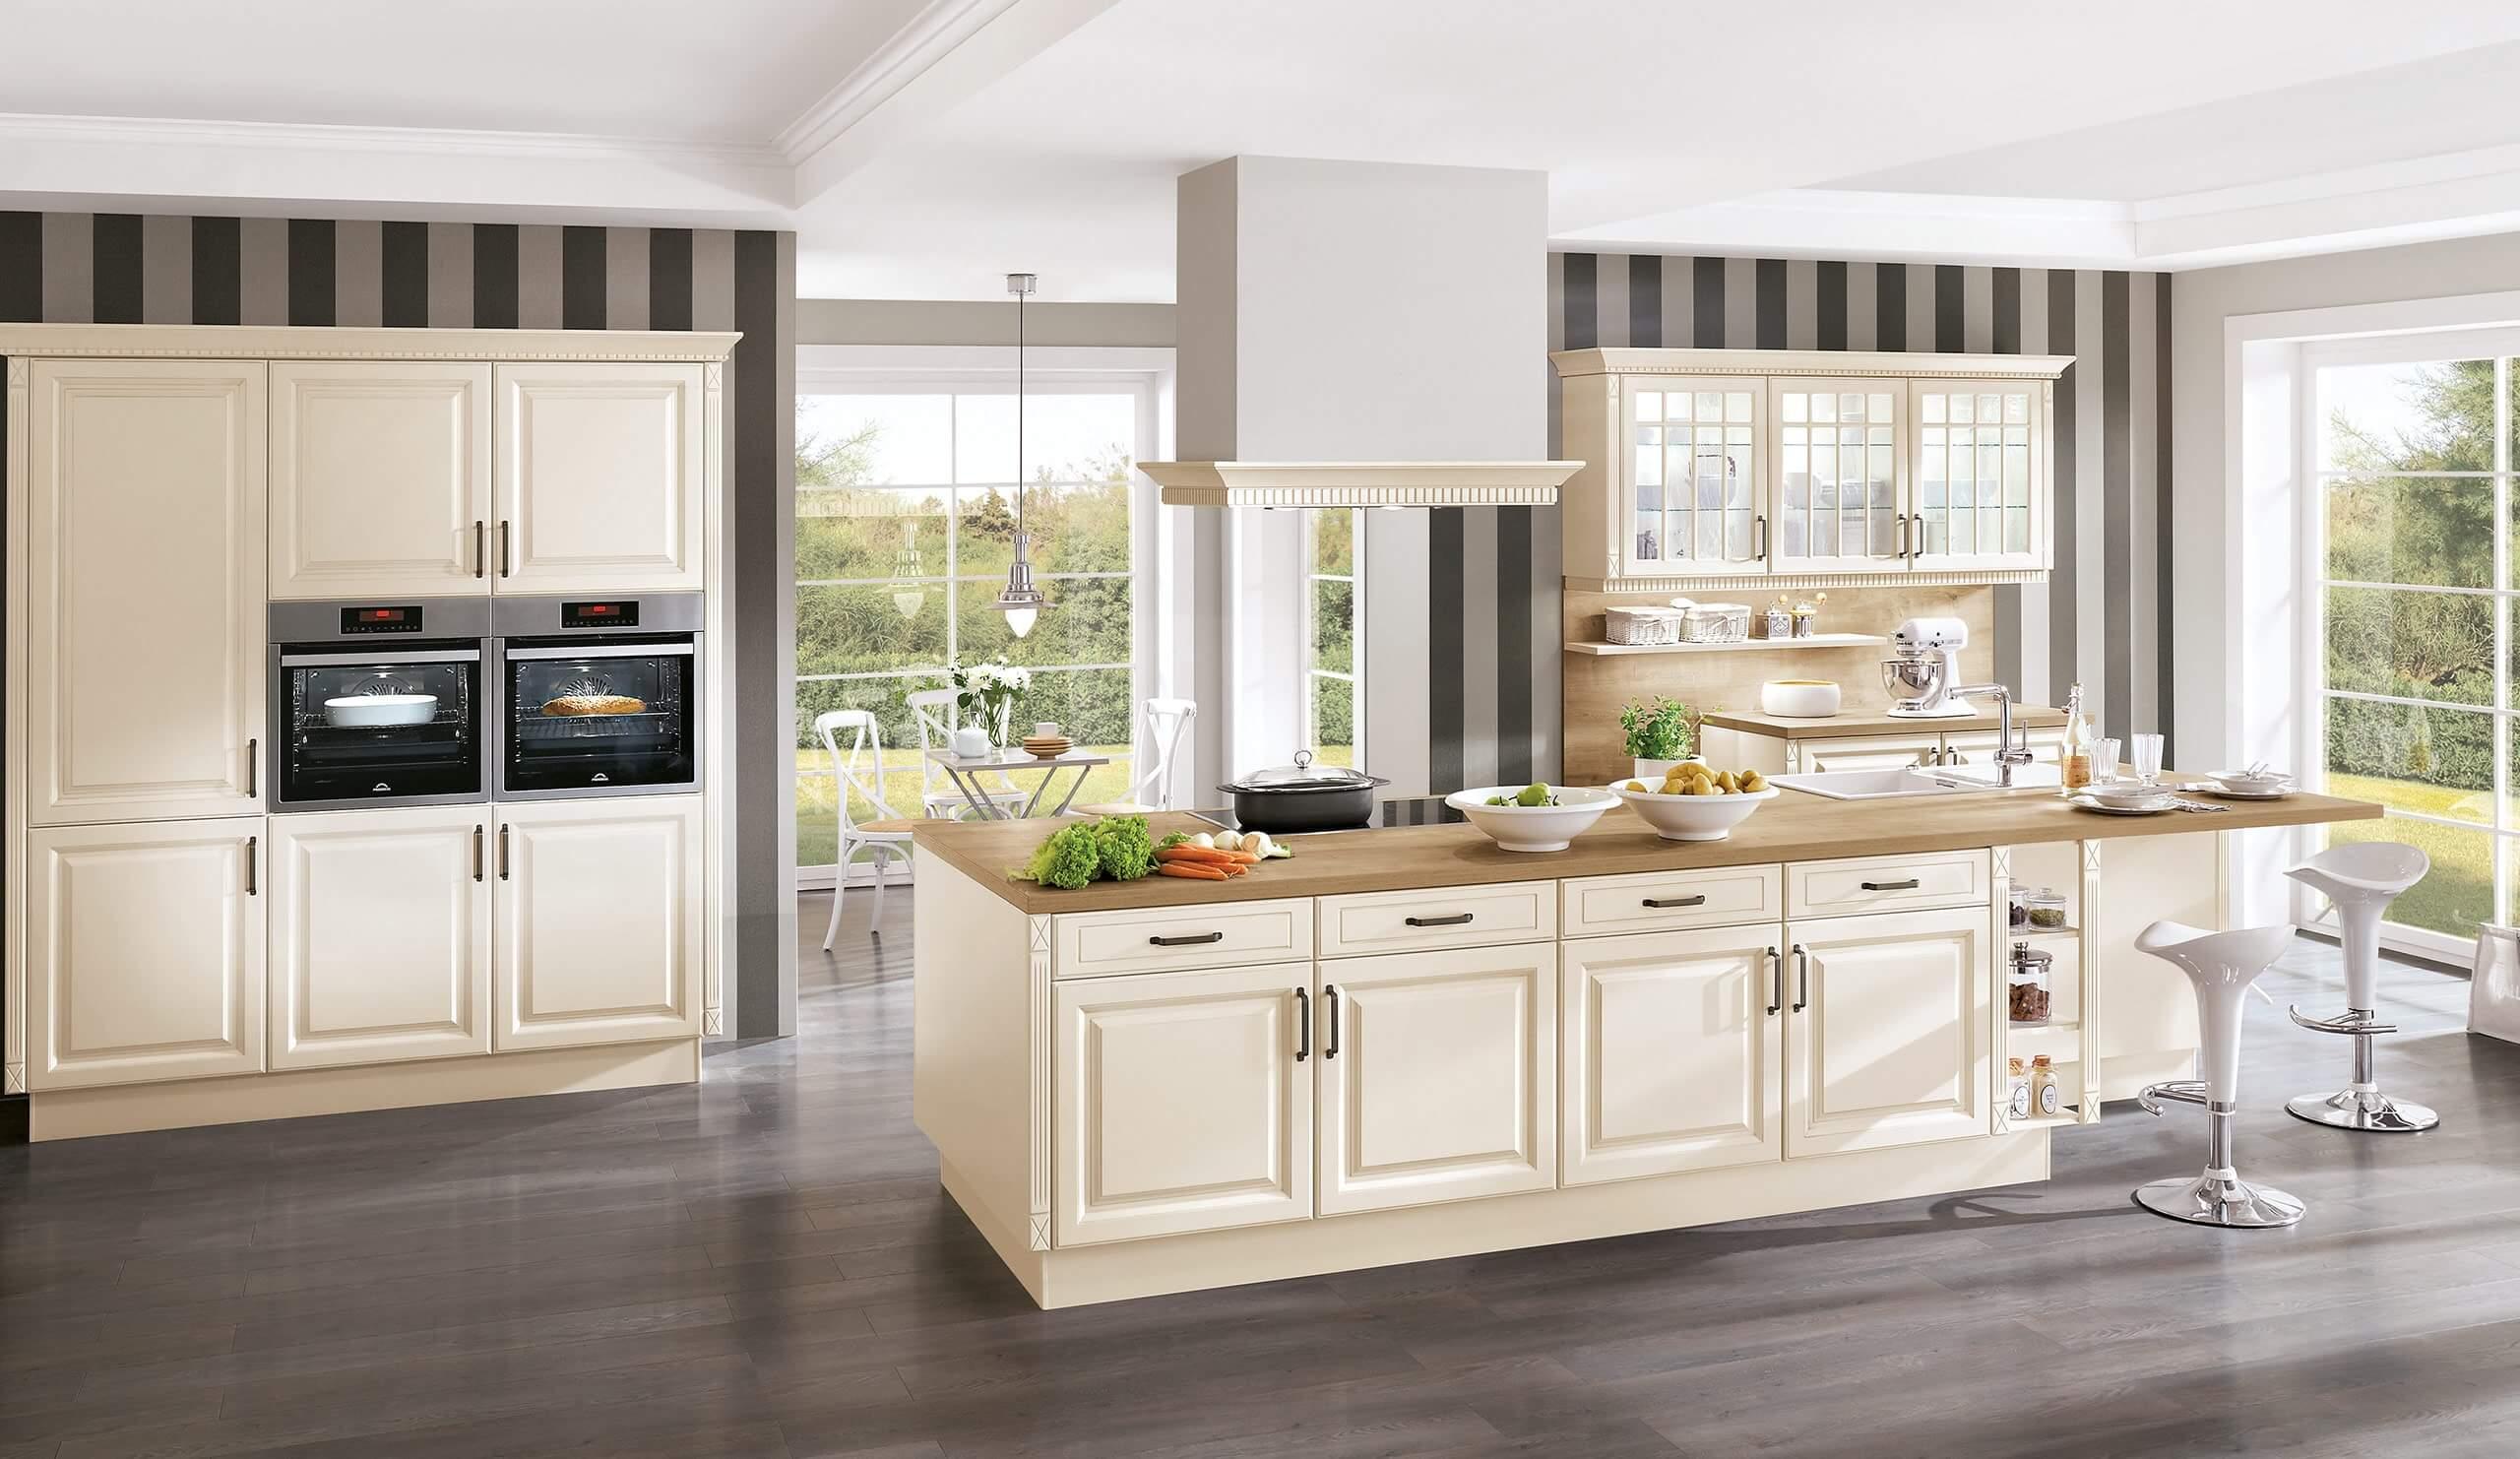 Full Size of Landhaus Einbaukche Norina 8224 Magnolia Kchenquelle Küchen Regal Wohnzimmer Küchen Quelle